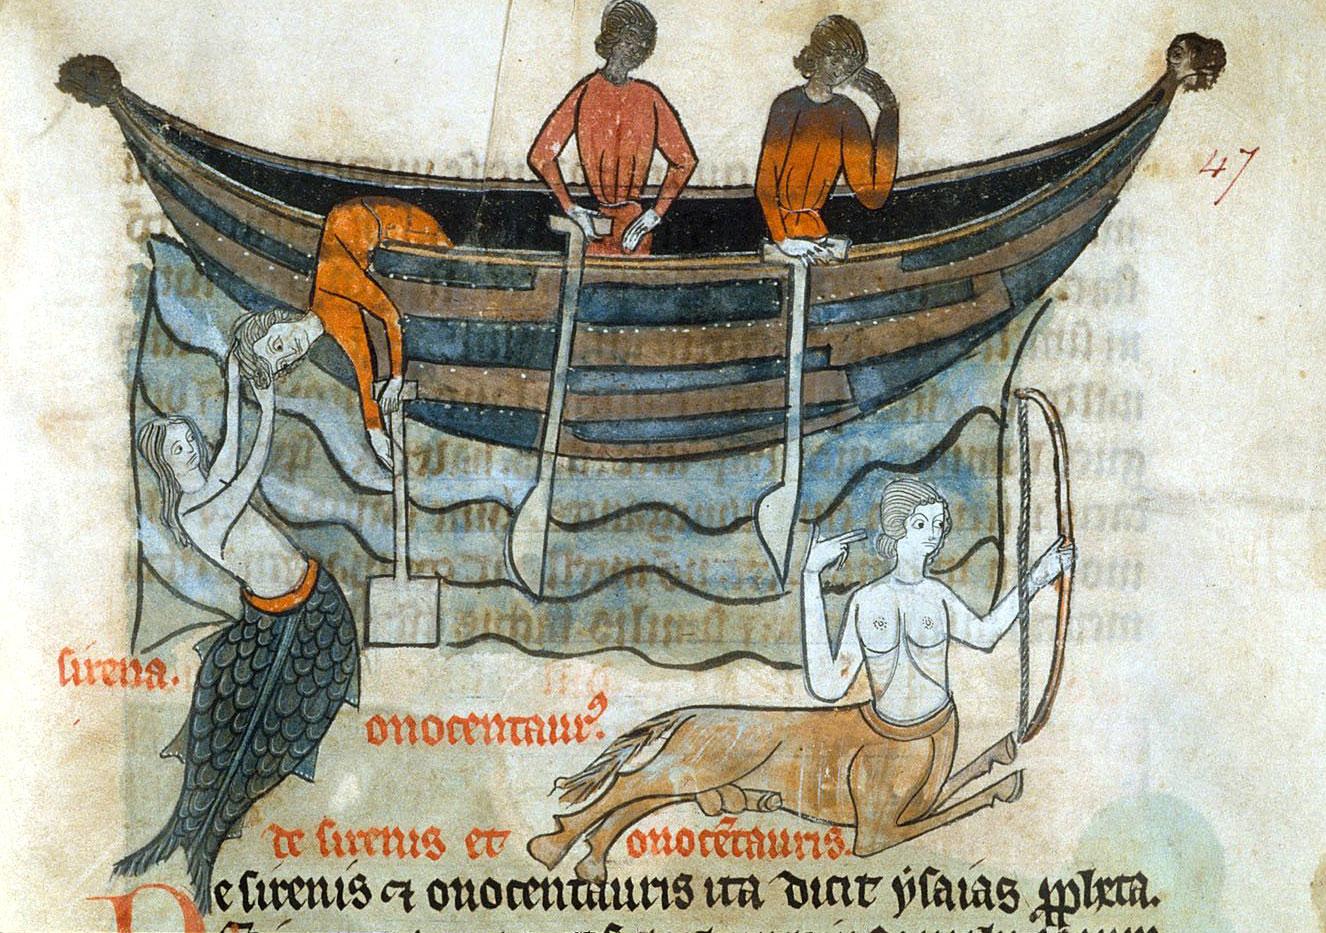 Дочери беспредельной морской глубины или что писали о русалках в 1718 году монстра, человека, корабля, монстр, Впоследствии, русалках, Русалка, тогда, существ, длинная, Деркето, больше, древности, вообще, белые, затем, футов, водой, длинные, большой